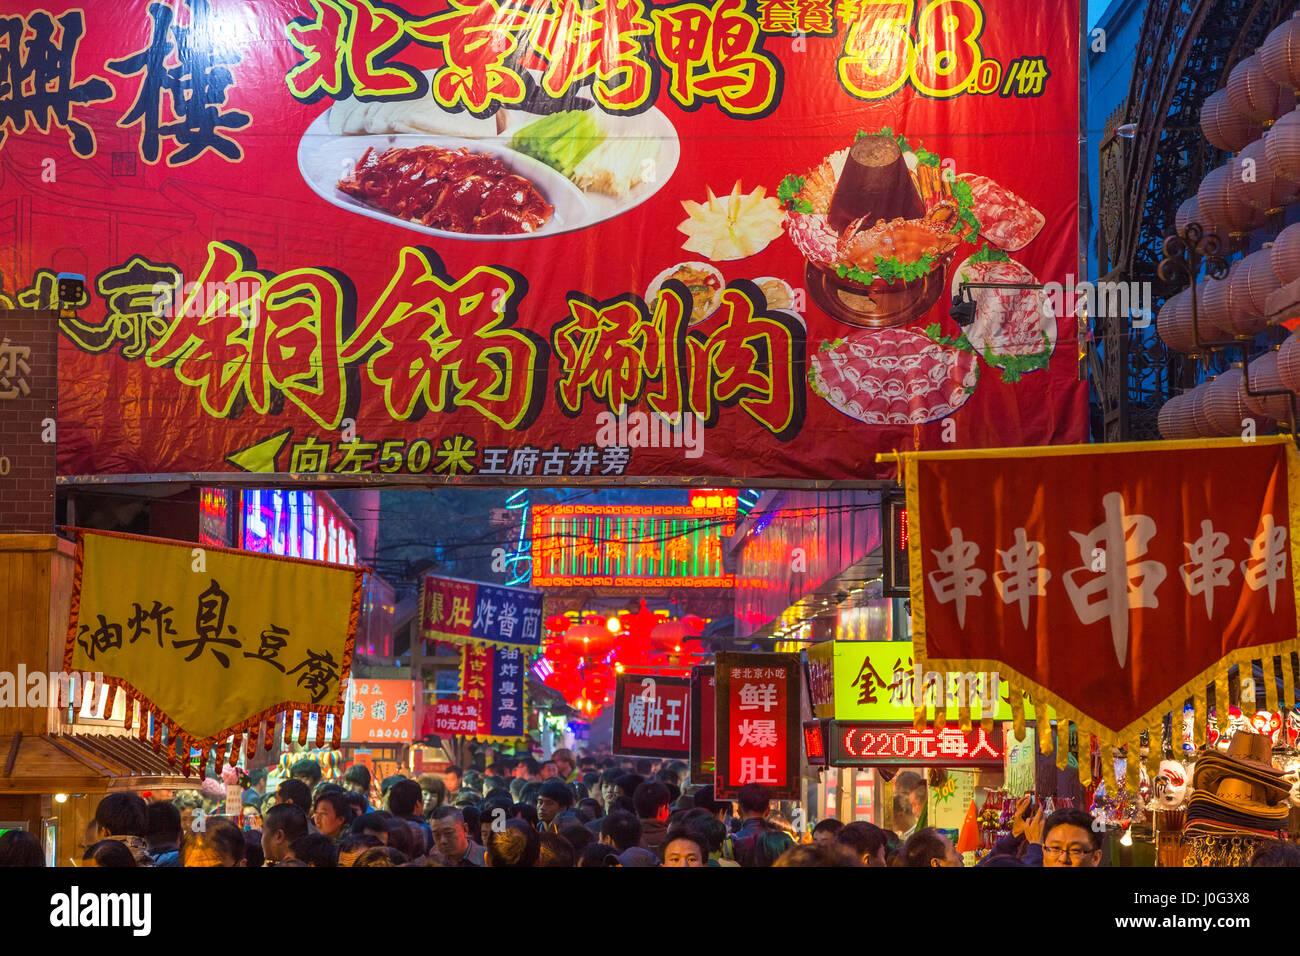 Donghuamen Night Market, Wangfujing, Beijing, China - Stock Image